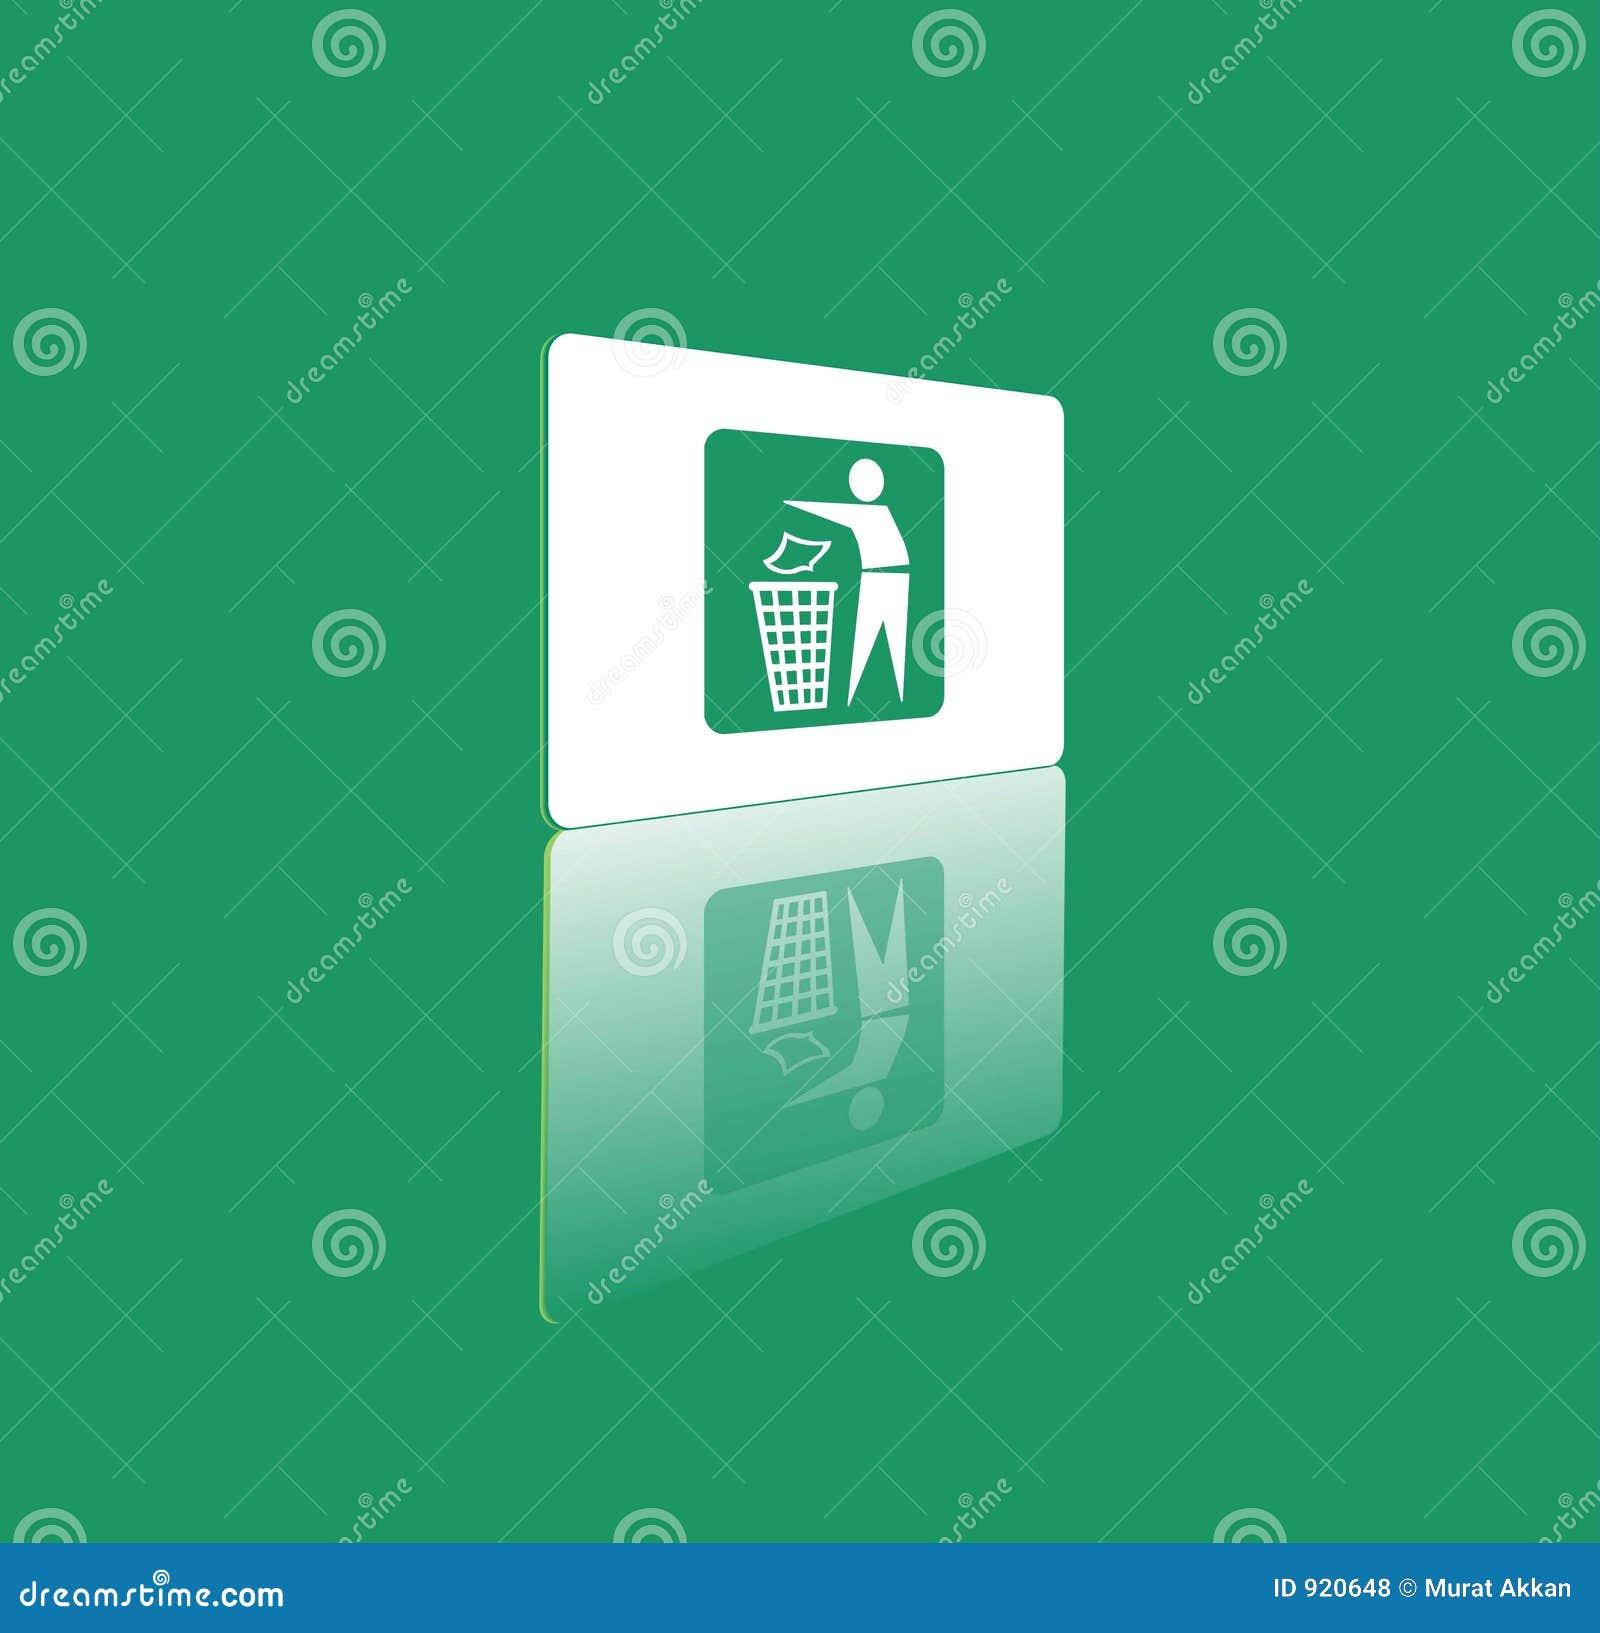 Trash01